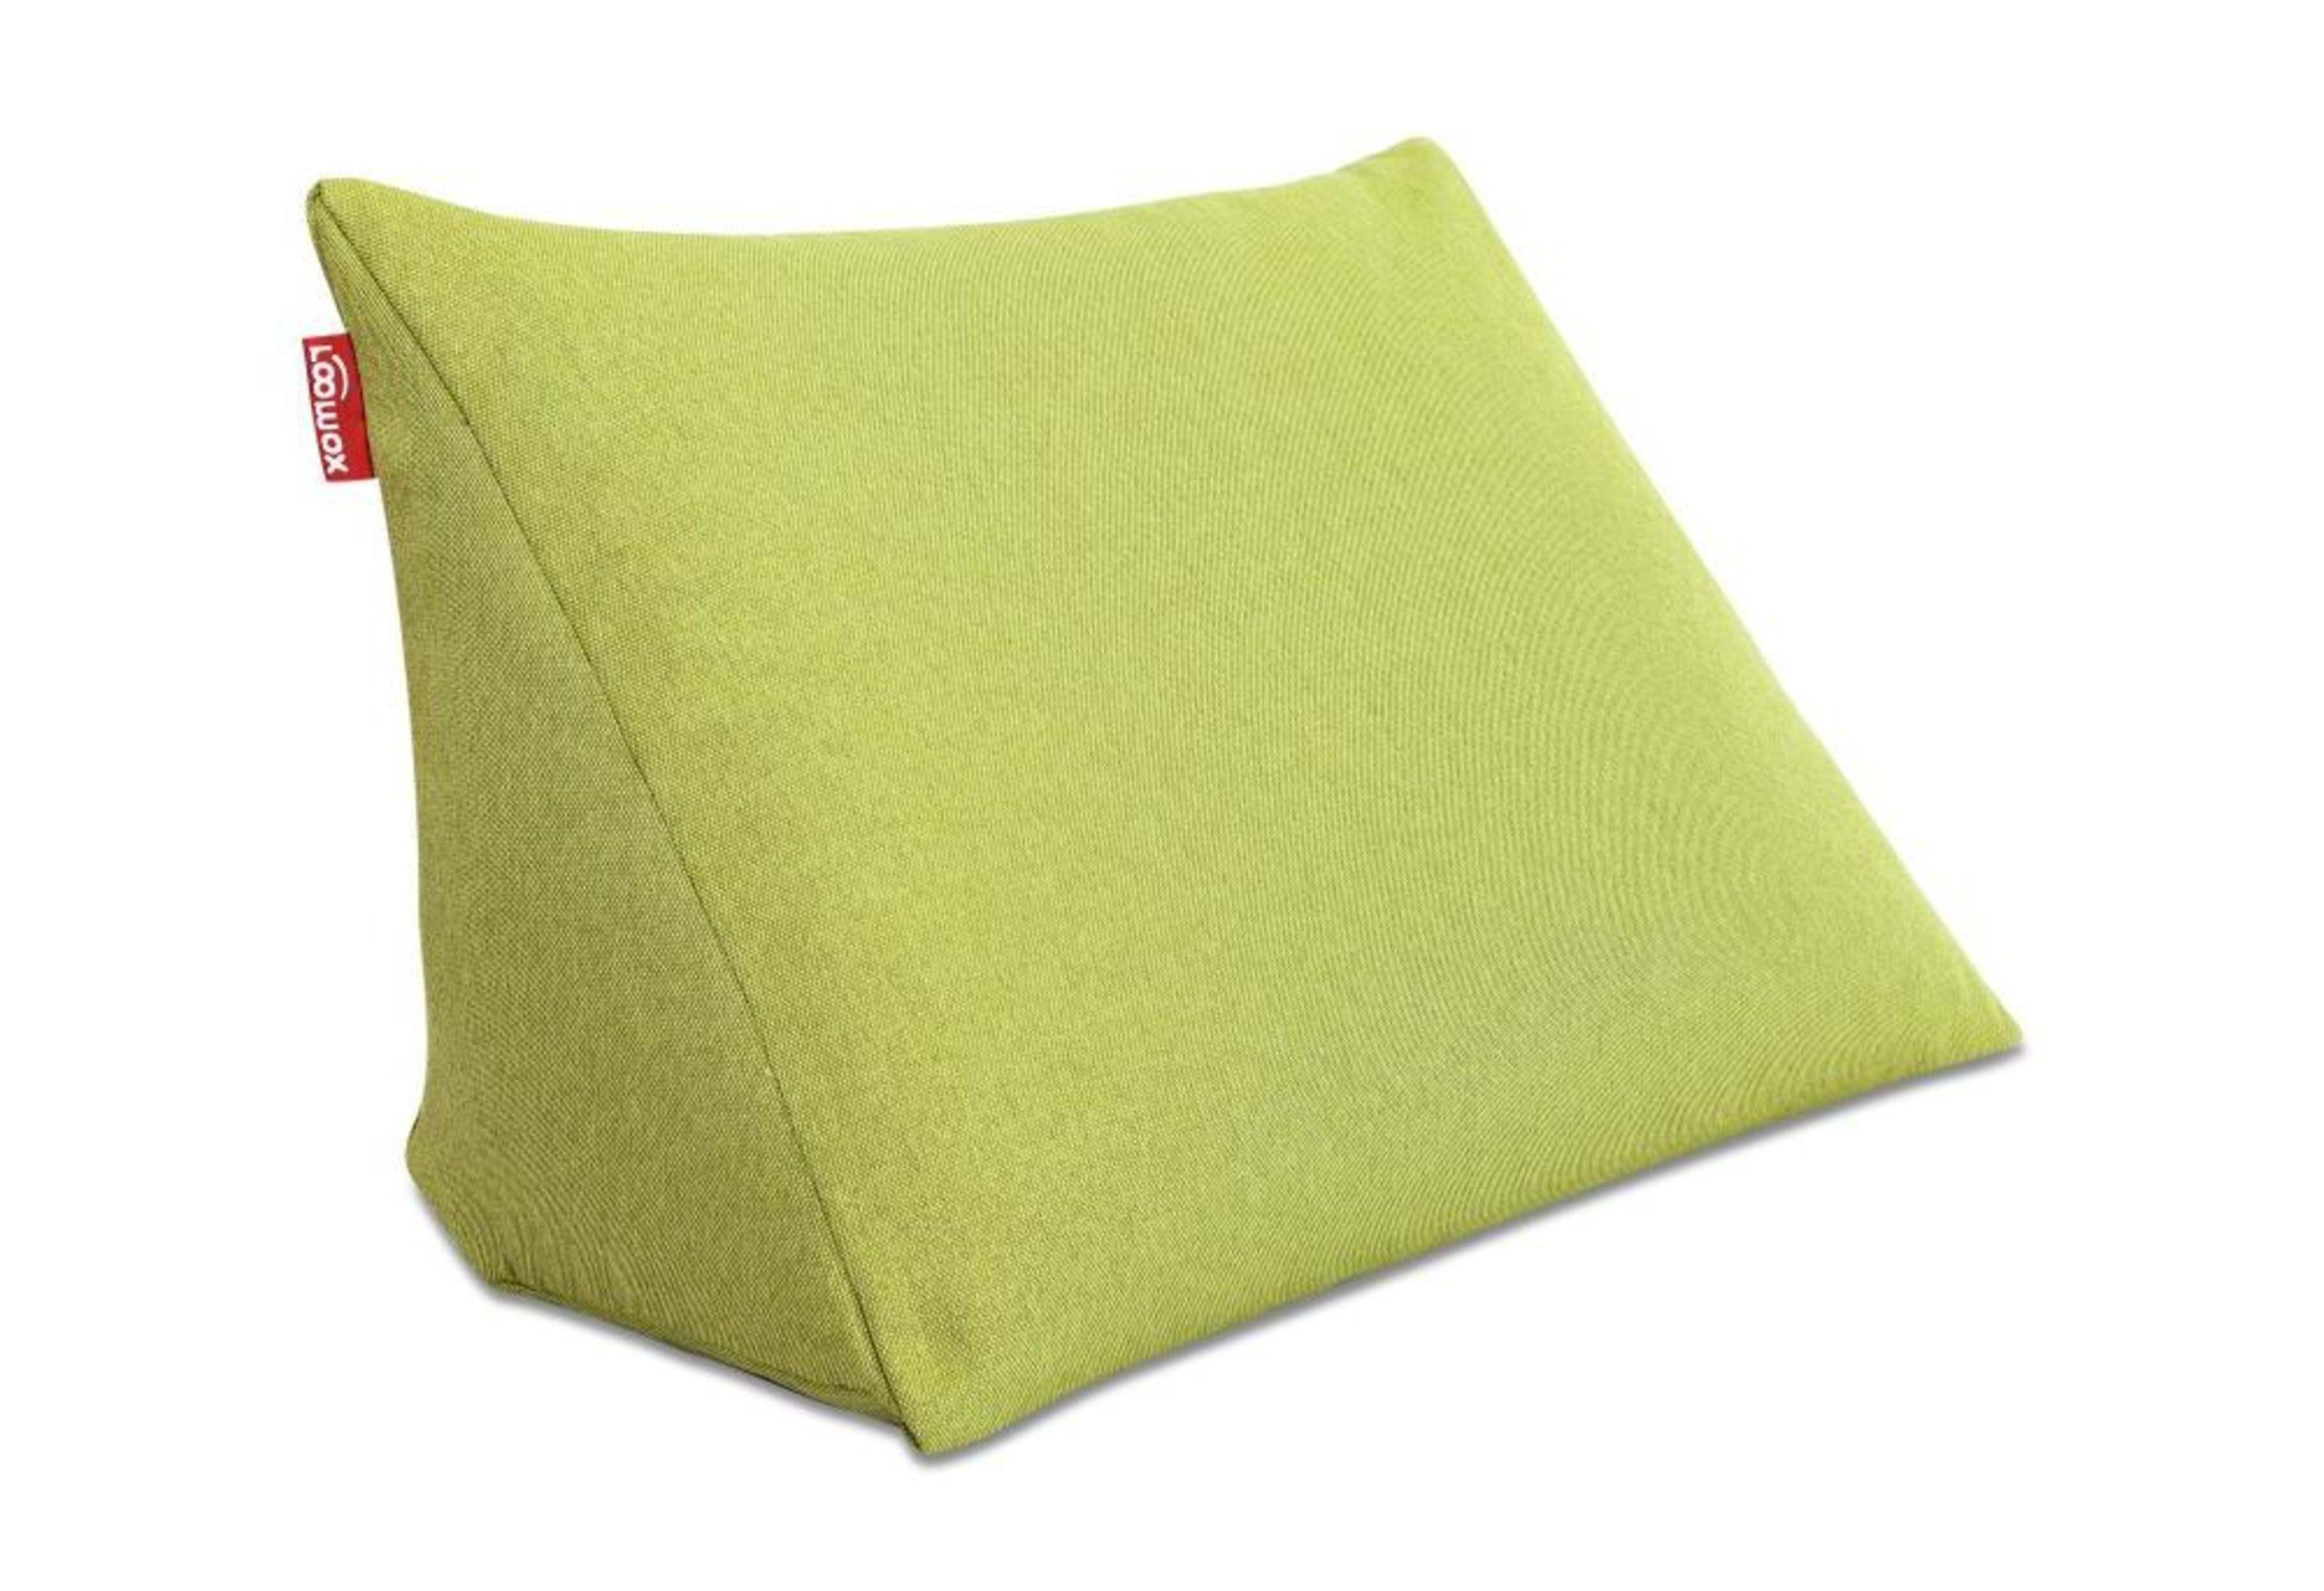 Cuscino Per Leggere A Letto Ikea.Cuscino Per Leggere A Letto Simple Alza Cuscino Per Letto With